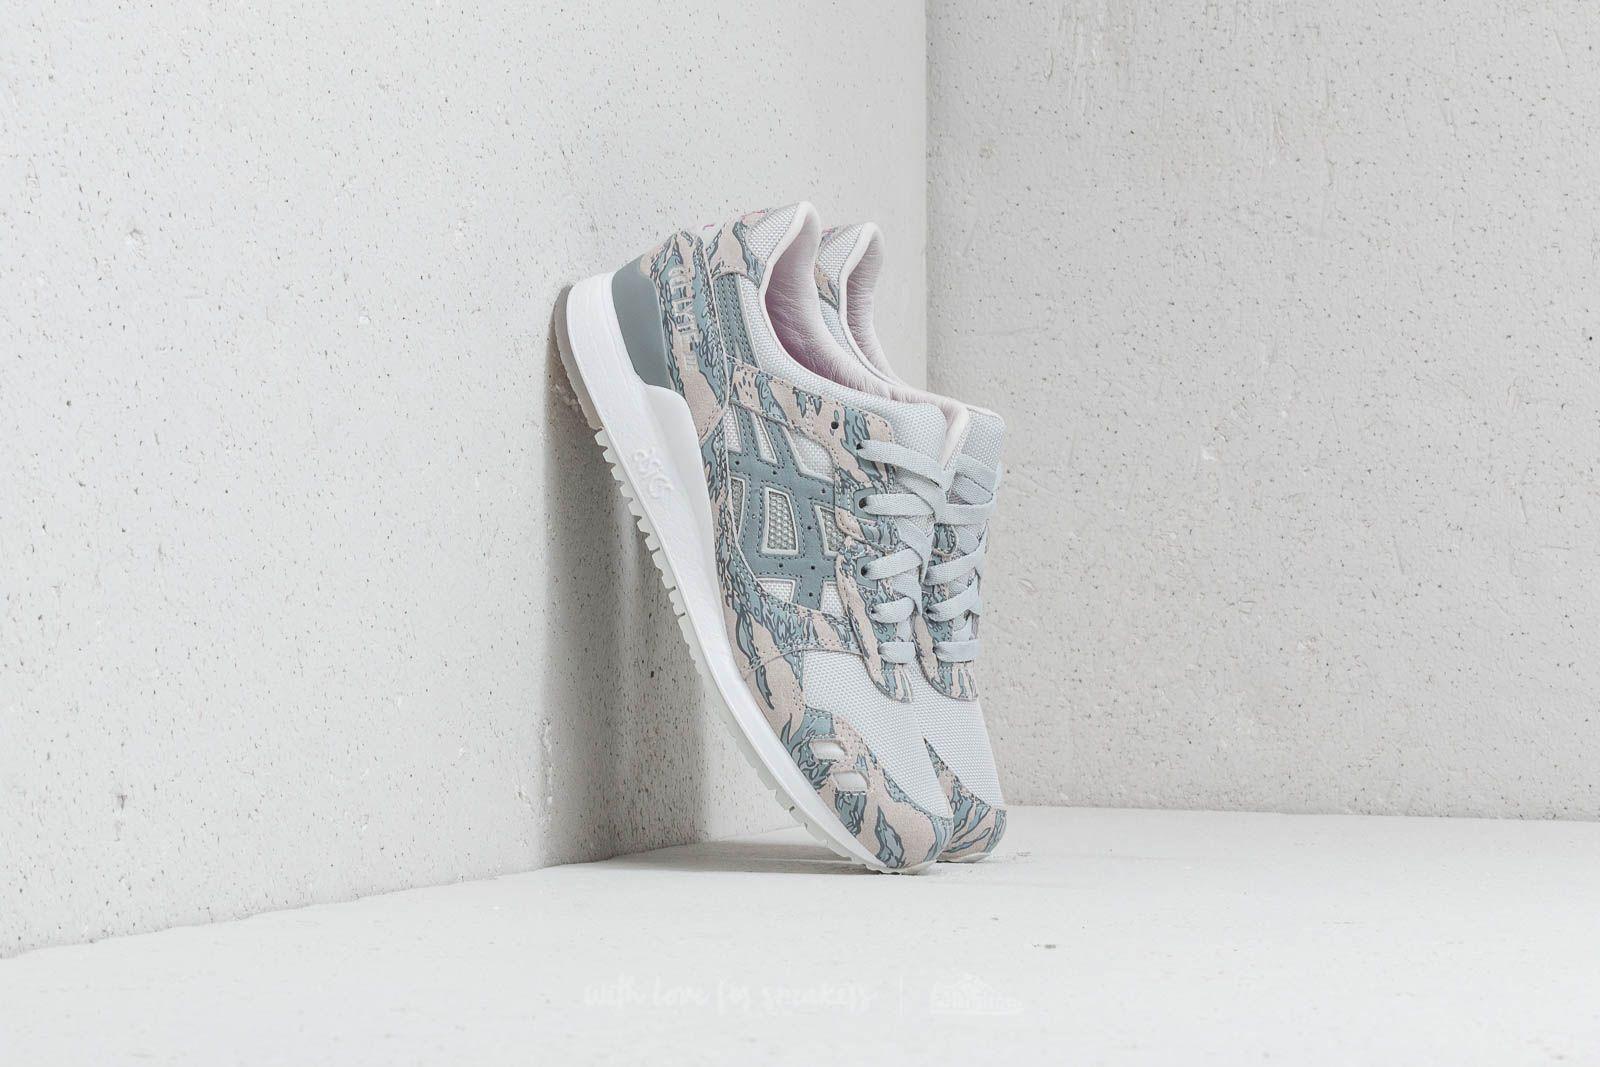 Moški čevlji Asics x Atmos x Solebox Gel-Lyte III Glacier Grey/ Stone Grey